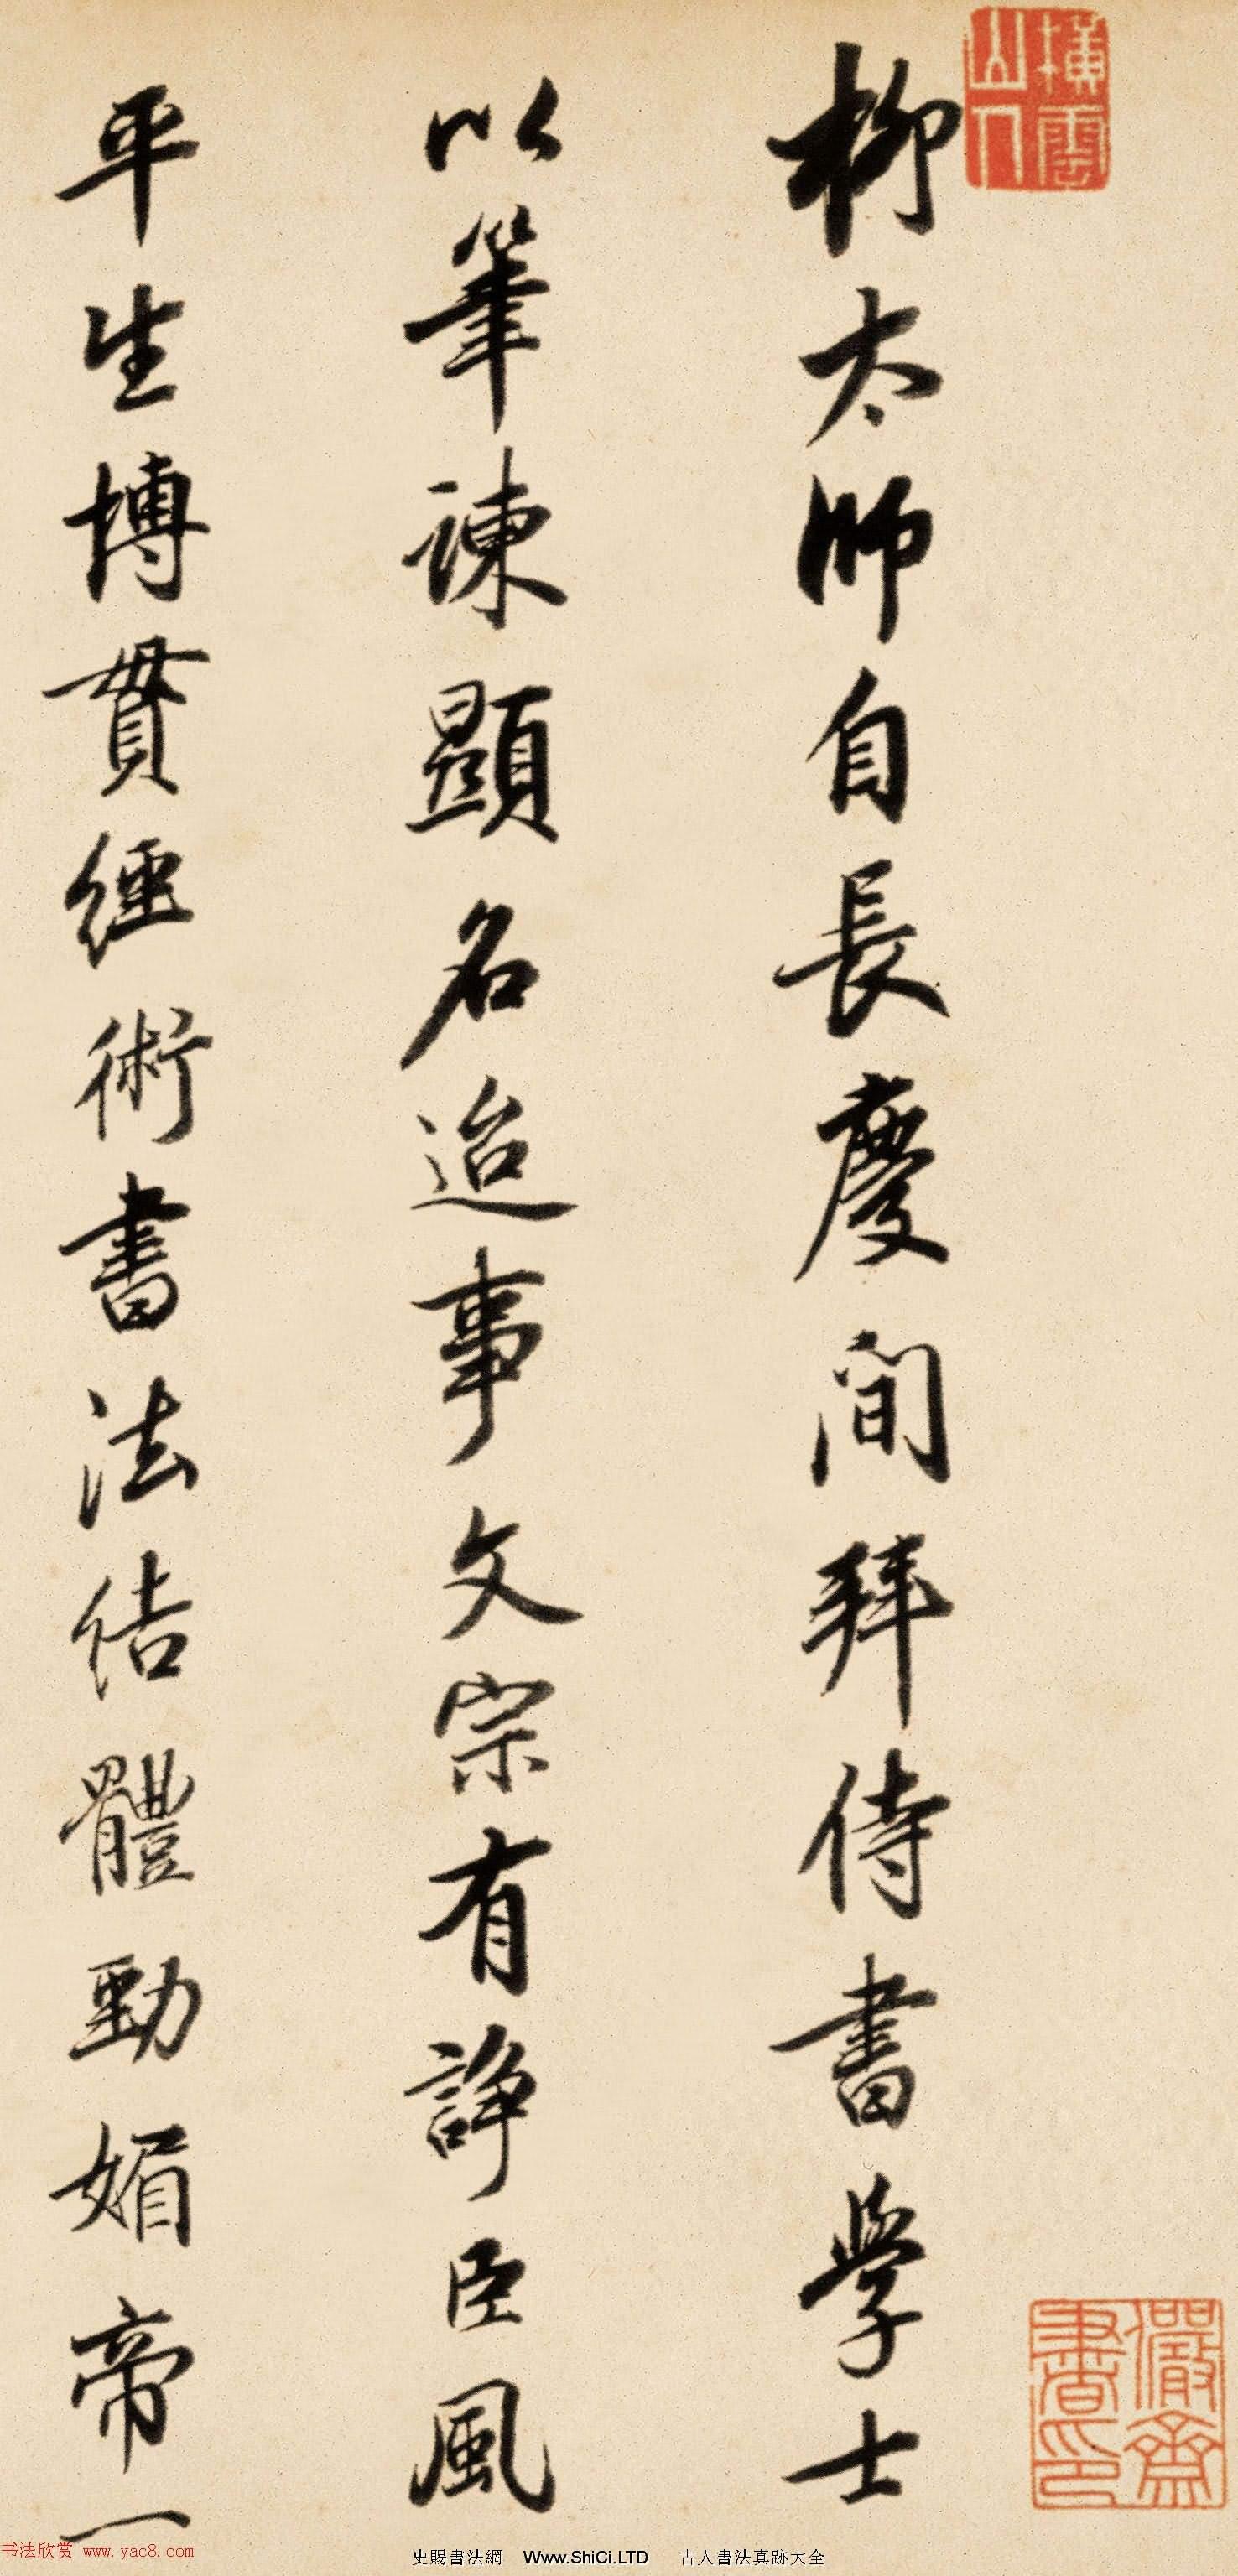 王鴻緒行書題跋柳公權《蘭亭詩》(共6張圖片)